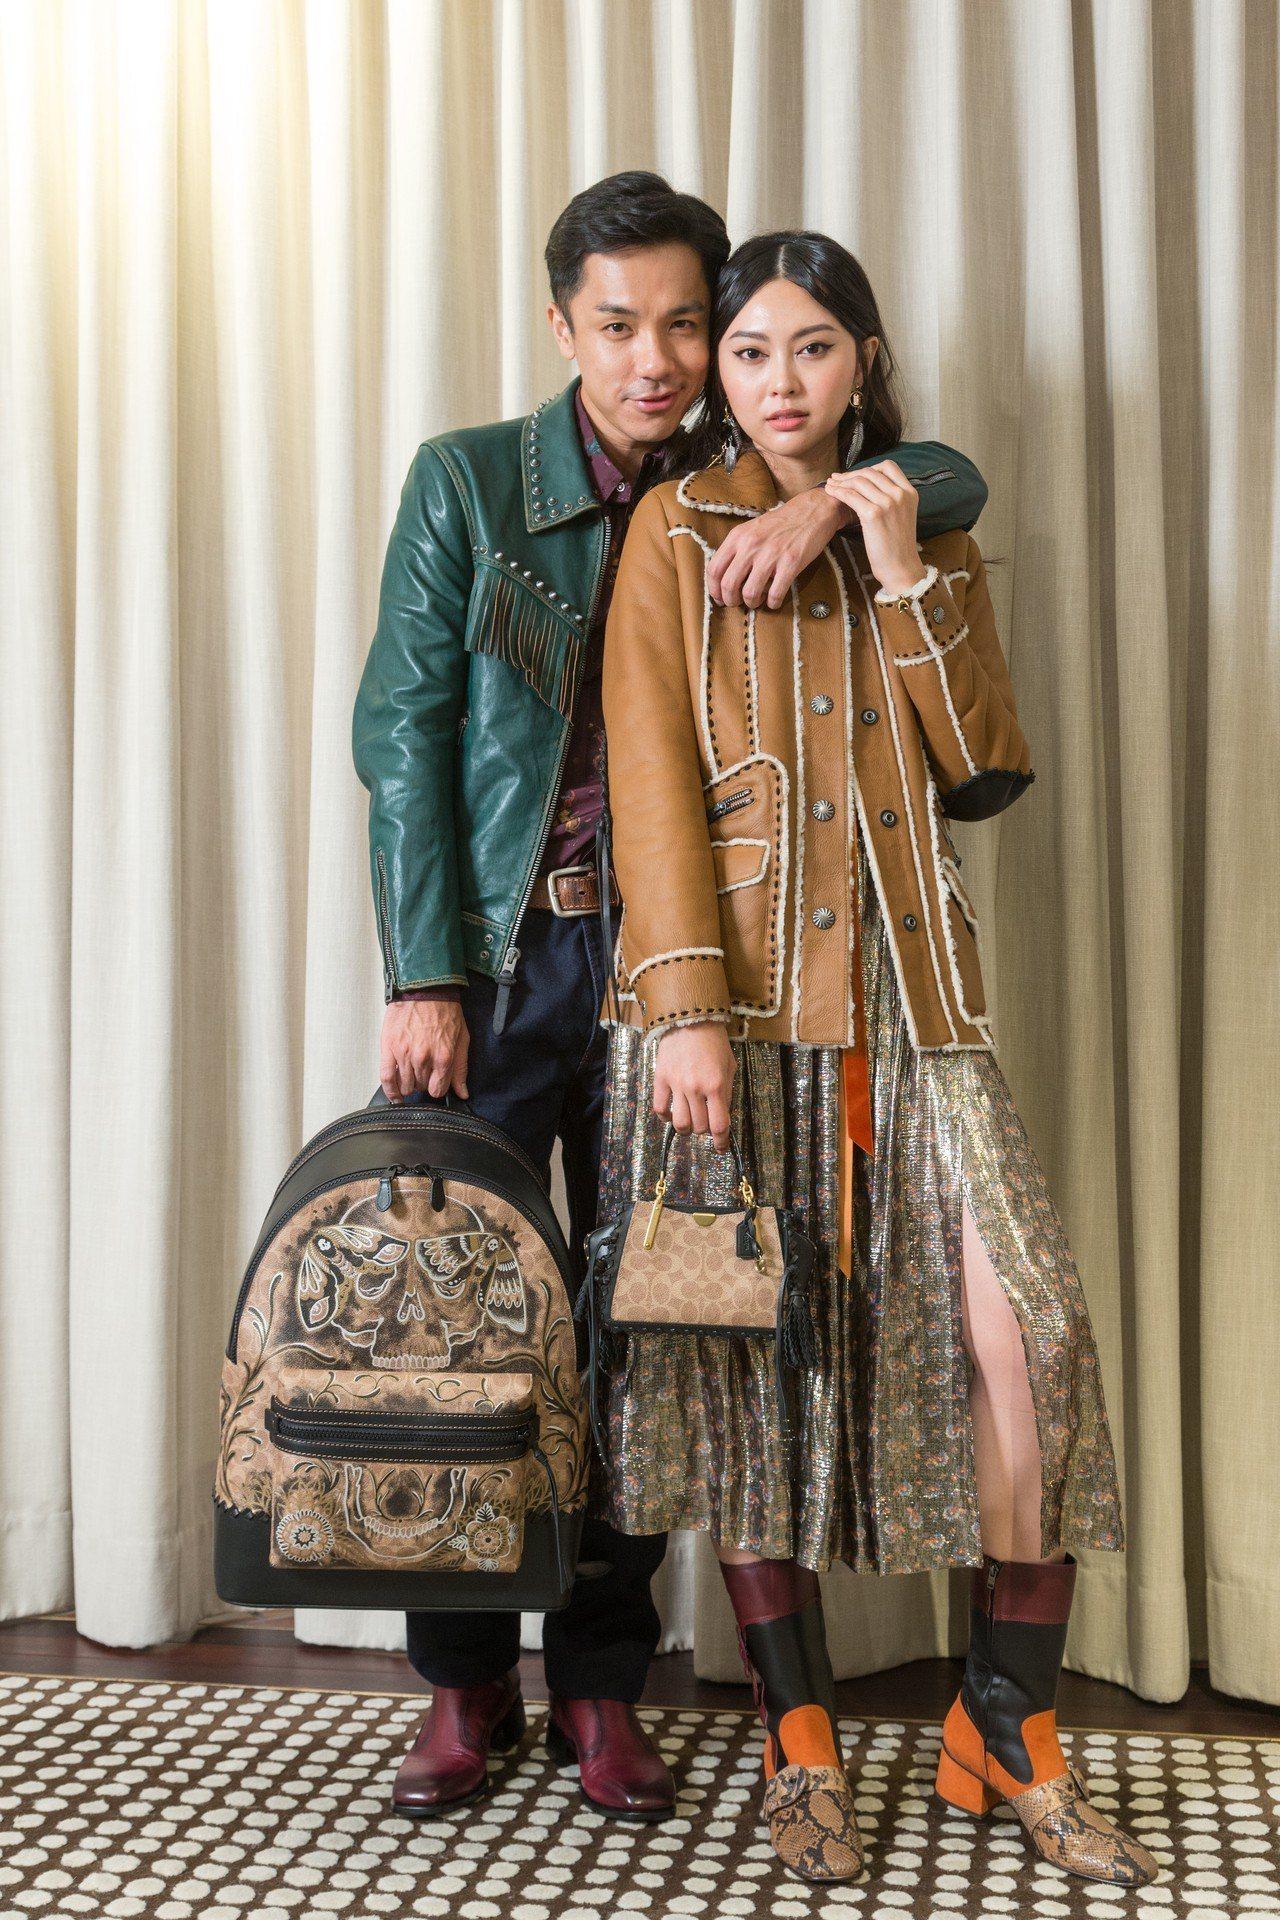 模特兒詮釋秋冬系列,翻皮羊毛大衣87,800元、金色洋裝35,800元、Drea...